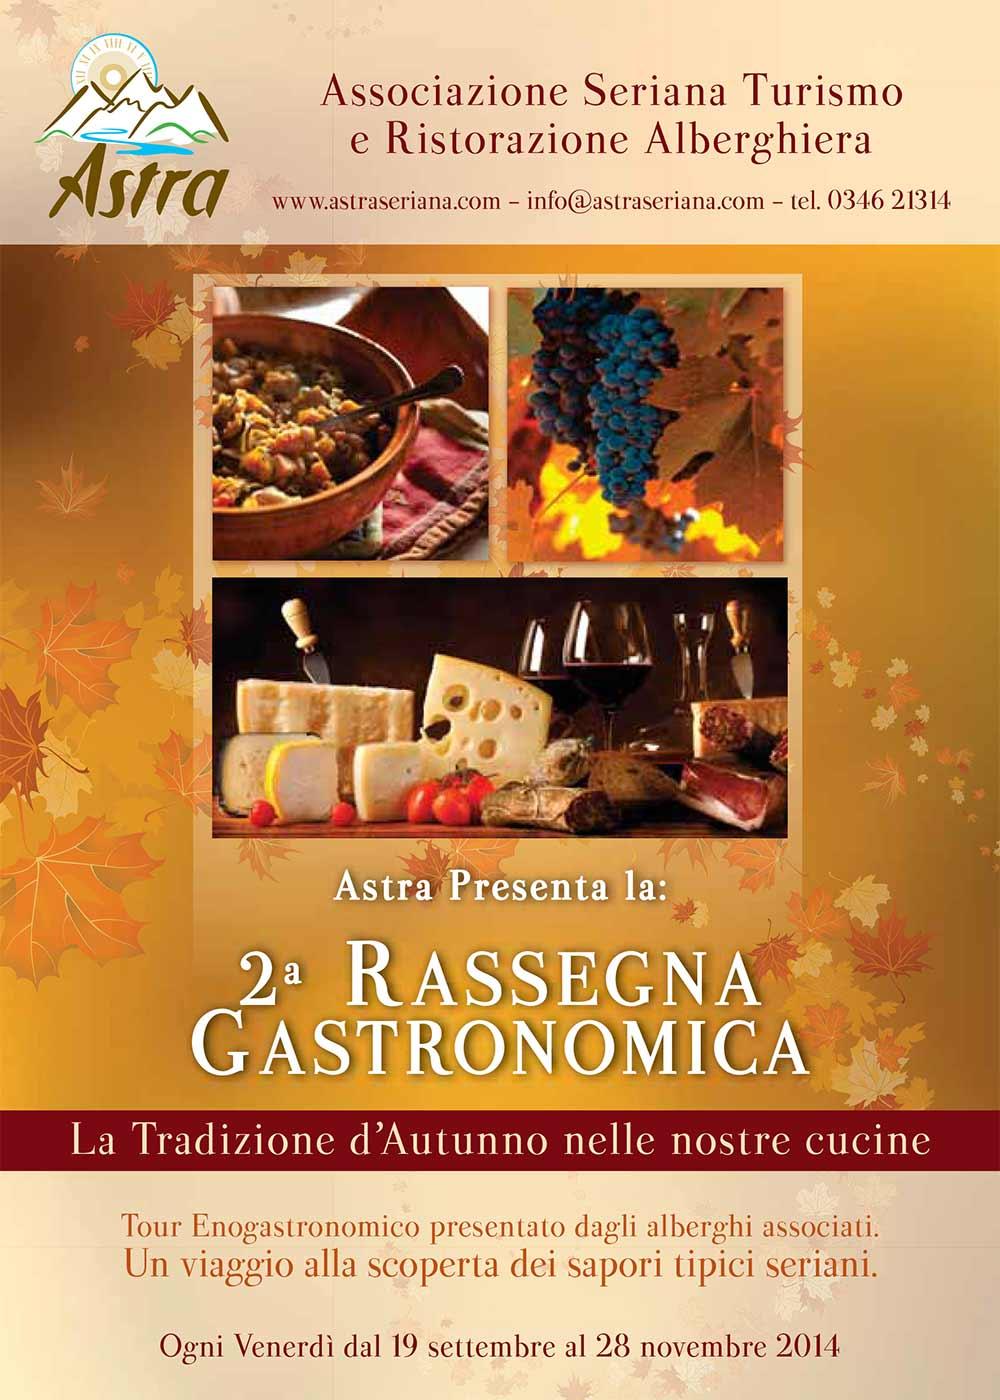 """2^ Rassegna gastronomica A.S.T.R.A. """"La Tradizione d'Autunno nelle Nostre Cucine"""" - Clusone"""